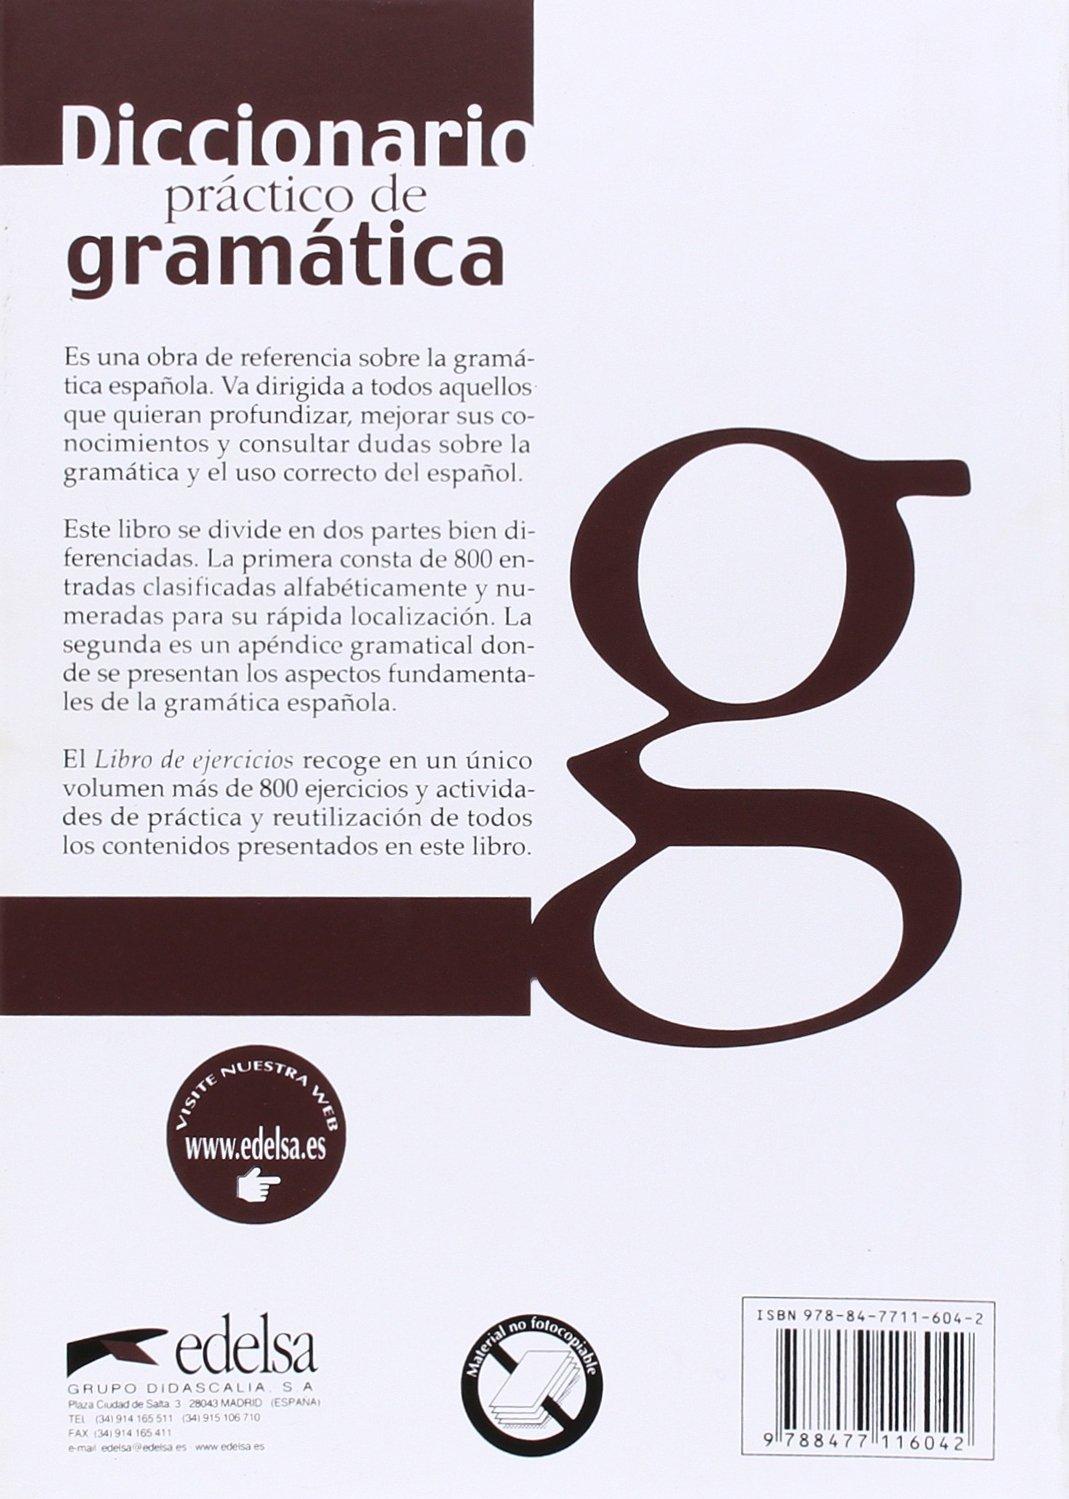 Amazon diccionario practico de gramatica spanish edition amazon diccionario practico de gramatica spanish edition 9788477116042 oscar cerrolaza books fandeluxe Gallery